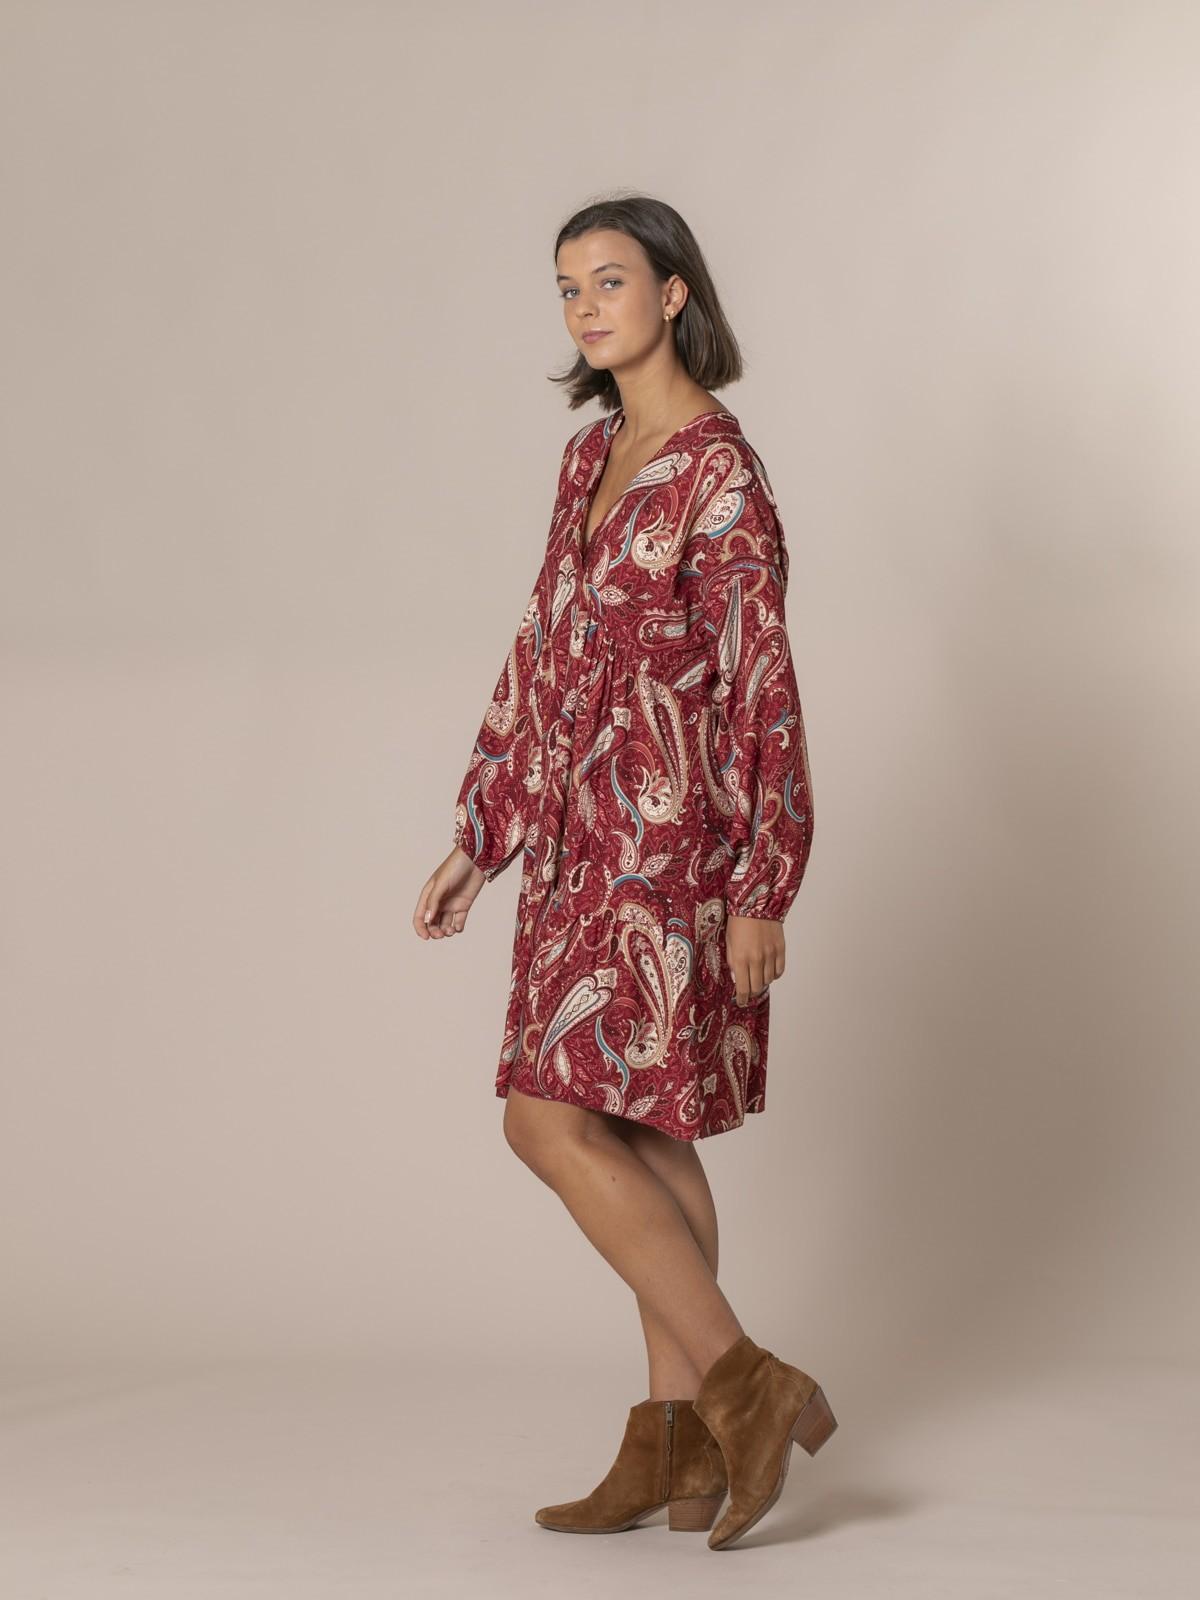 Vestido estampado etro Granate